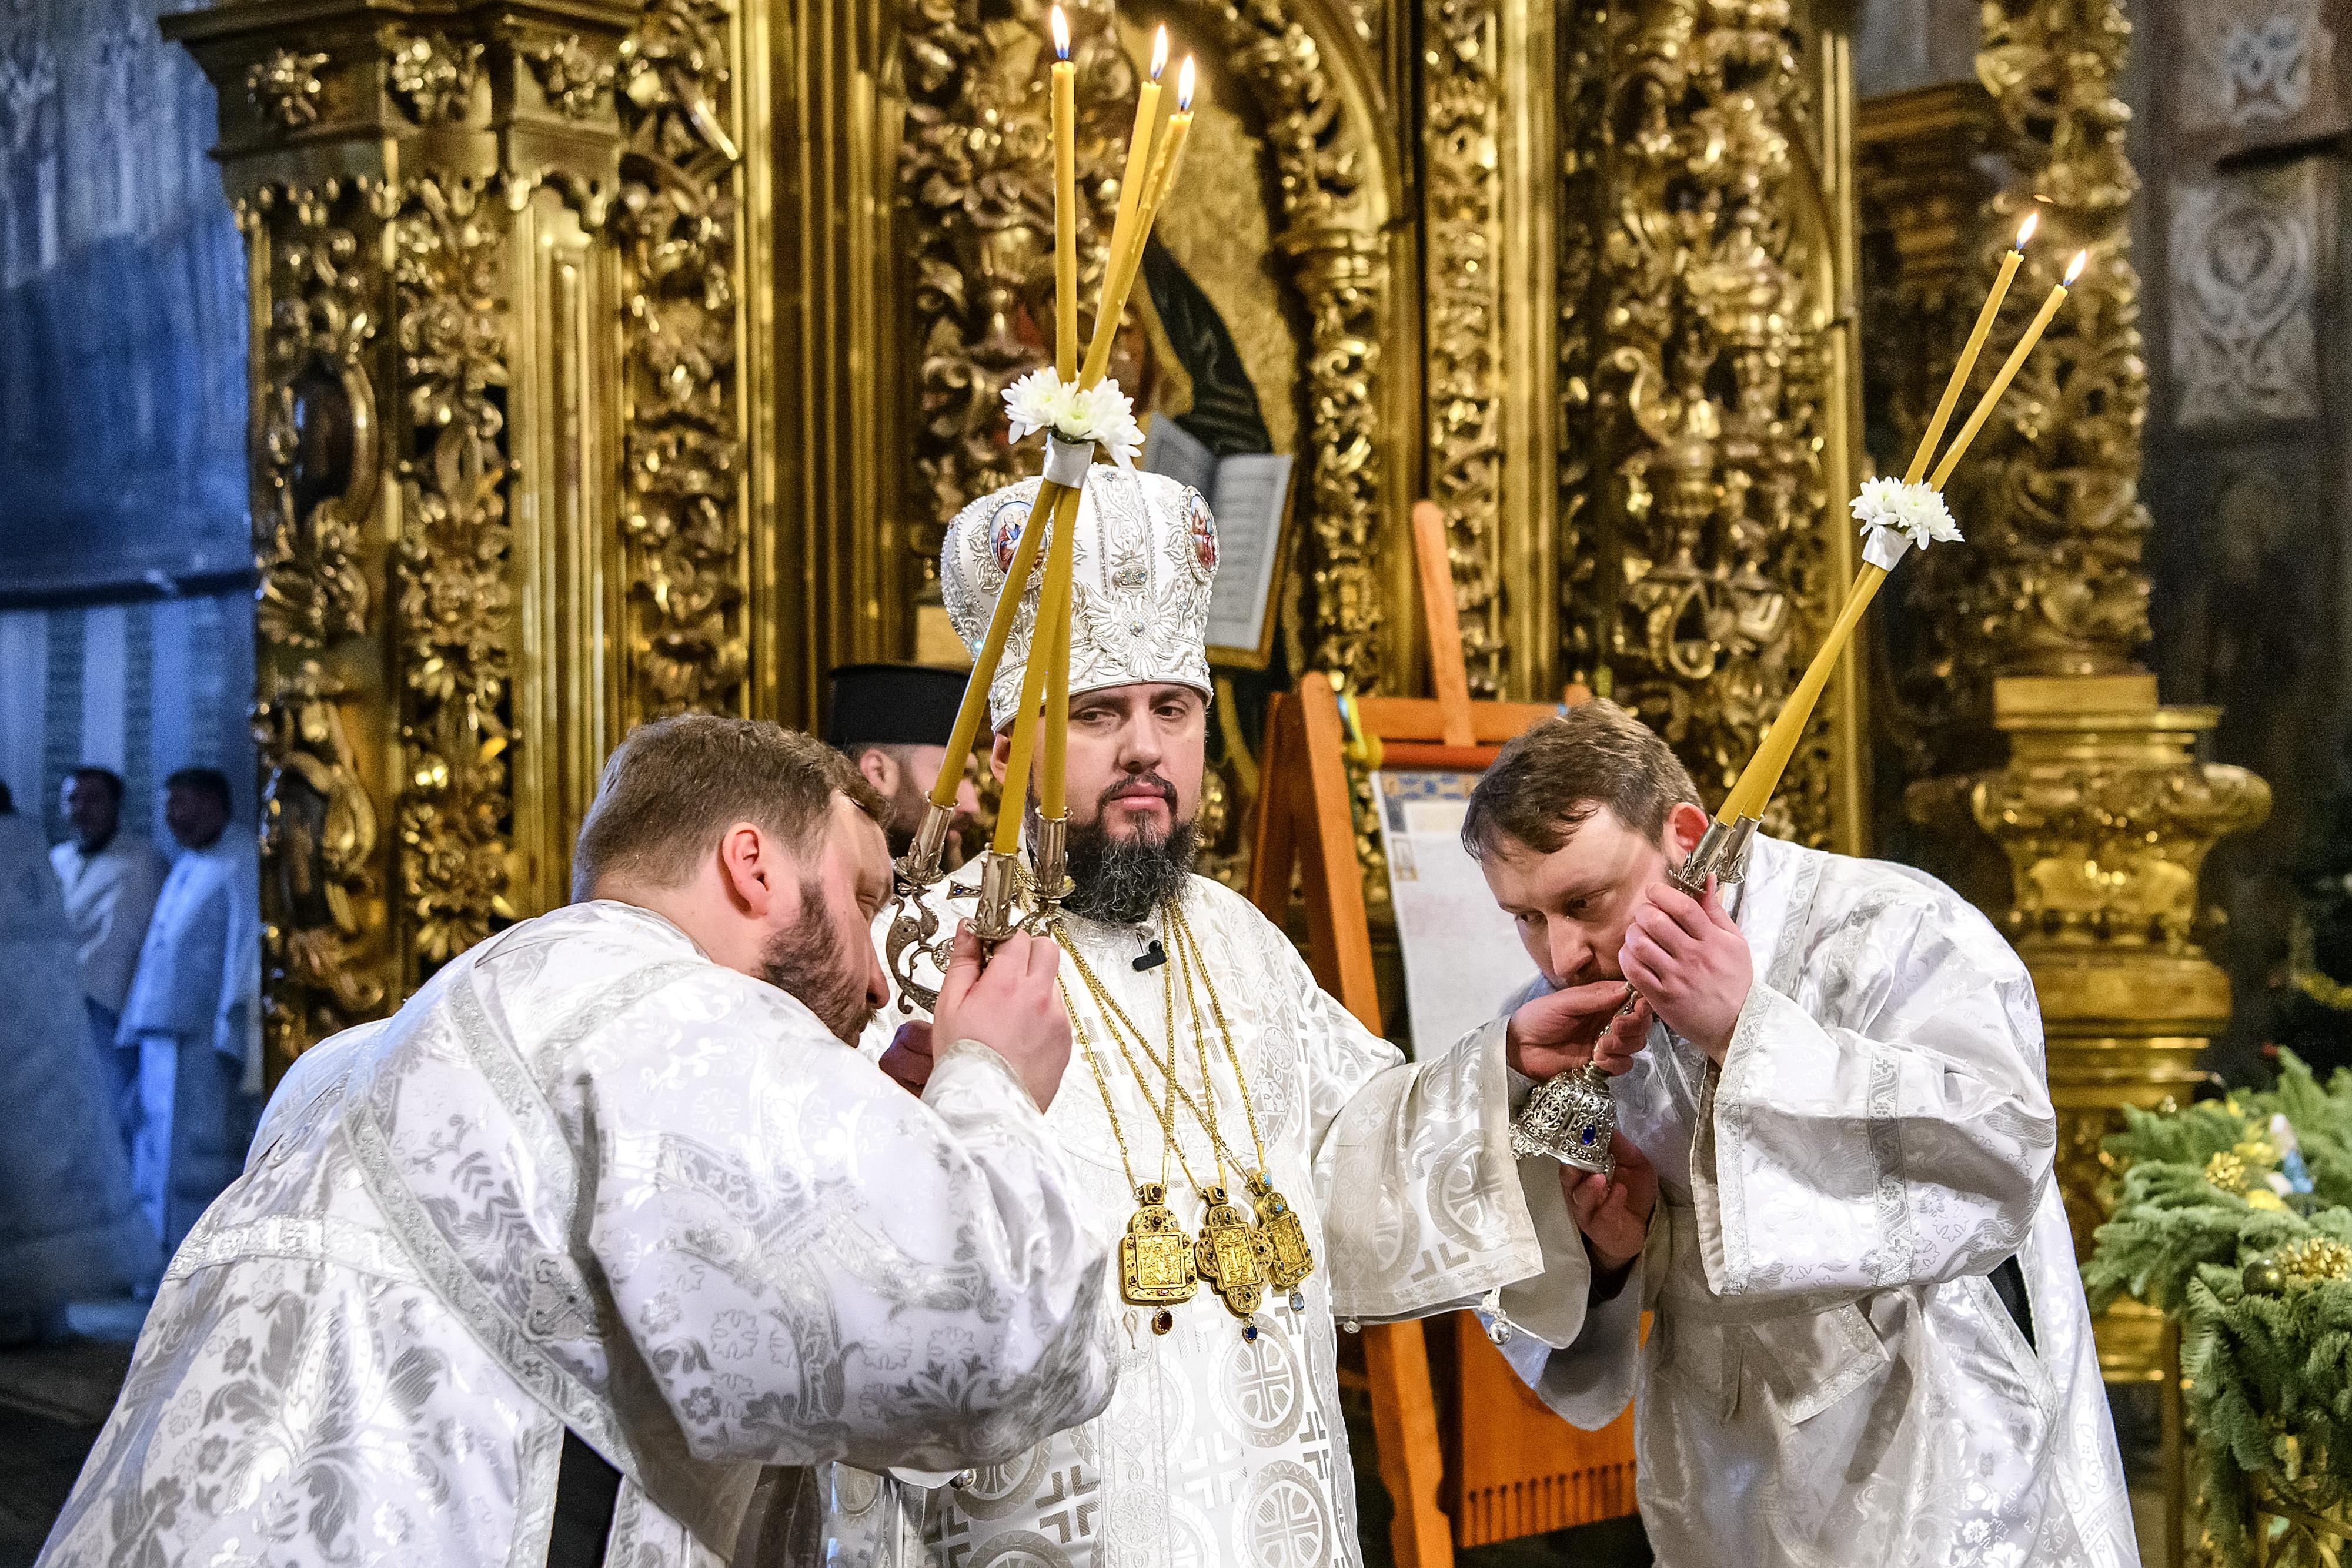 Verden ifølge Gram: Putin taber kirke-konflikt